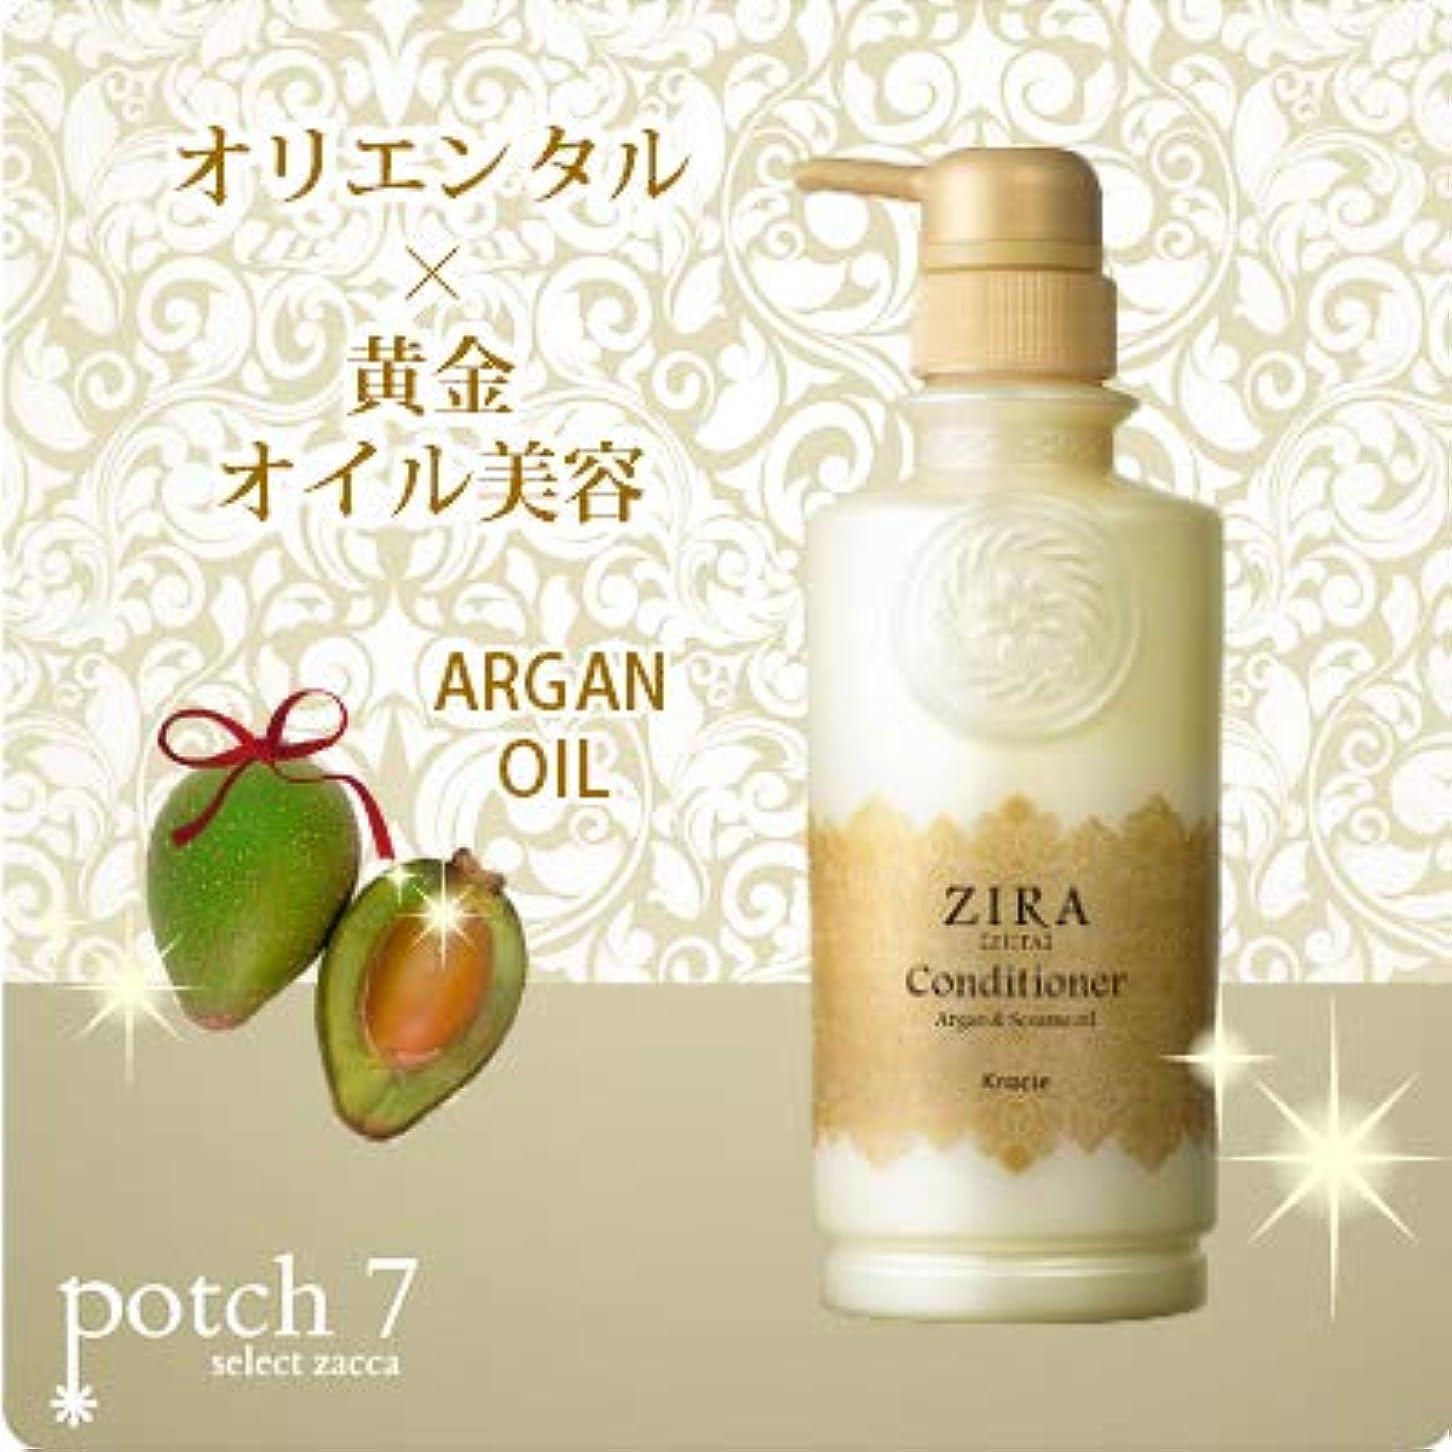 ましいミリメーター命題Kracie クラシエ ZIRA ジーラ コンディショナー 420ml オリエンタル美容